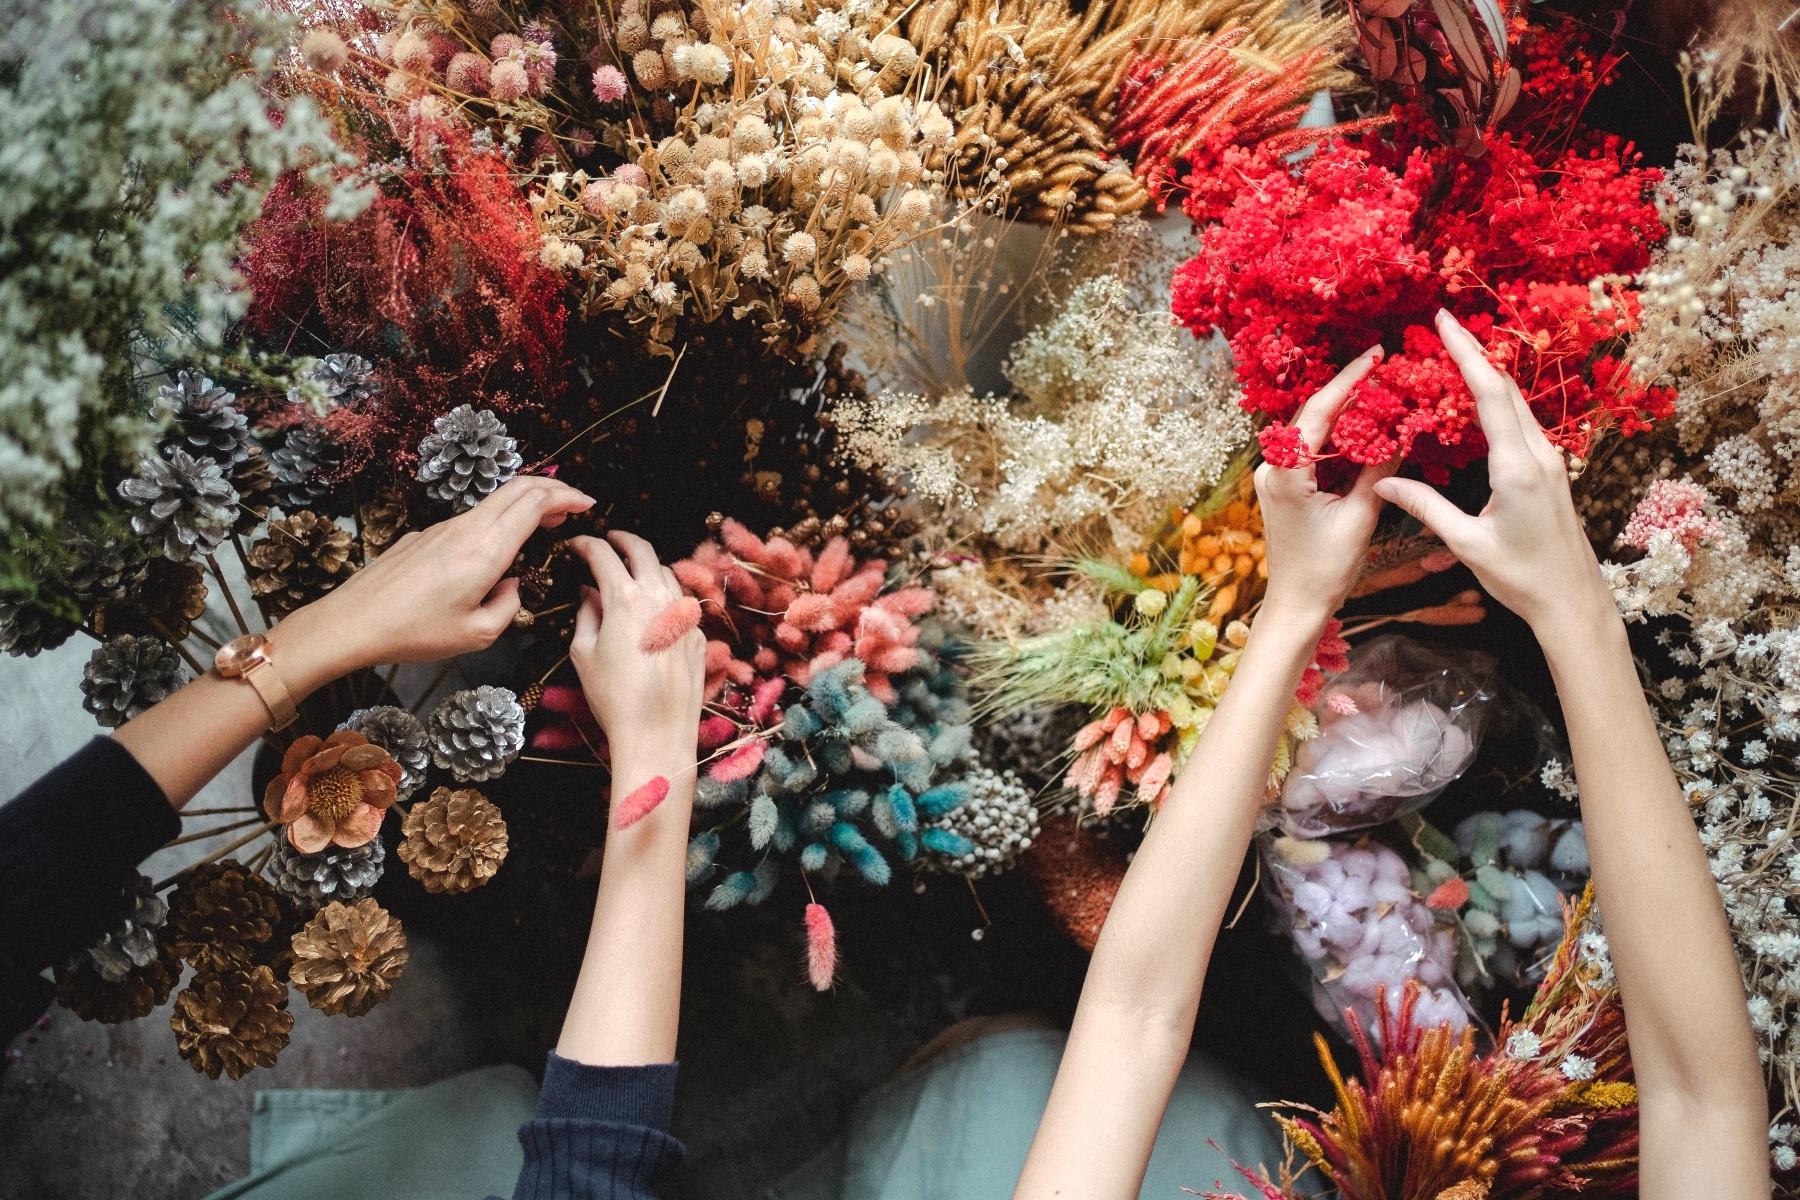 【台北乾燥花DIY課程】手作乾燥花束花圈超簡單!6間台北乾燥花製作推薦花藝教室